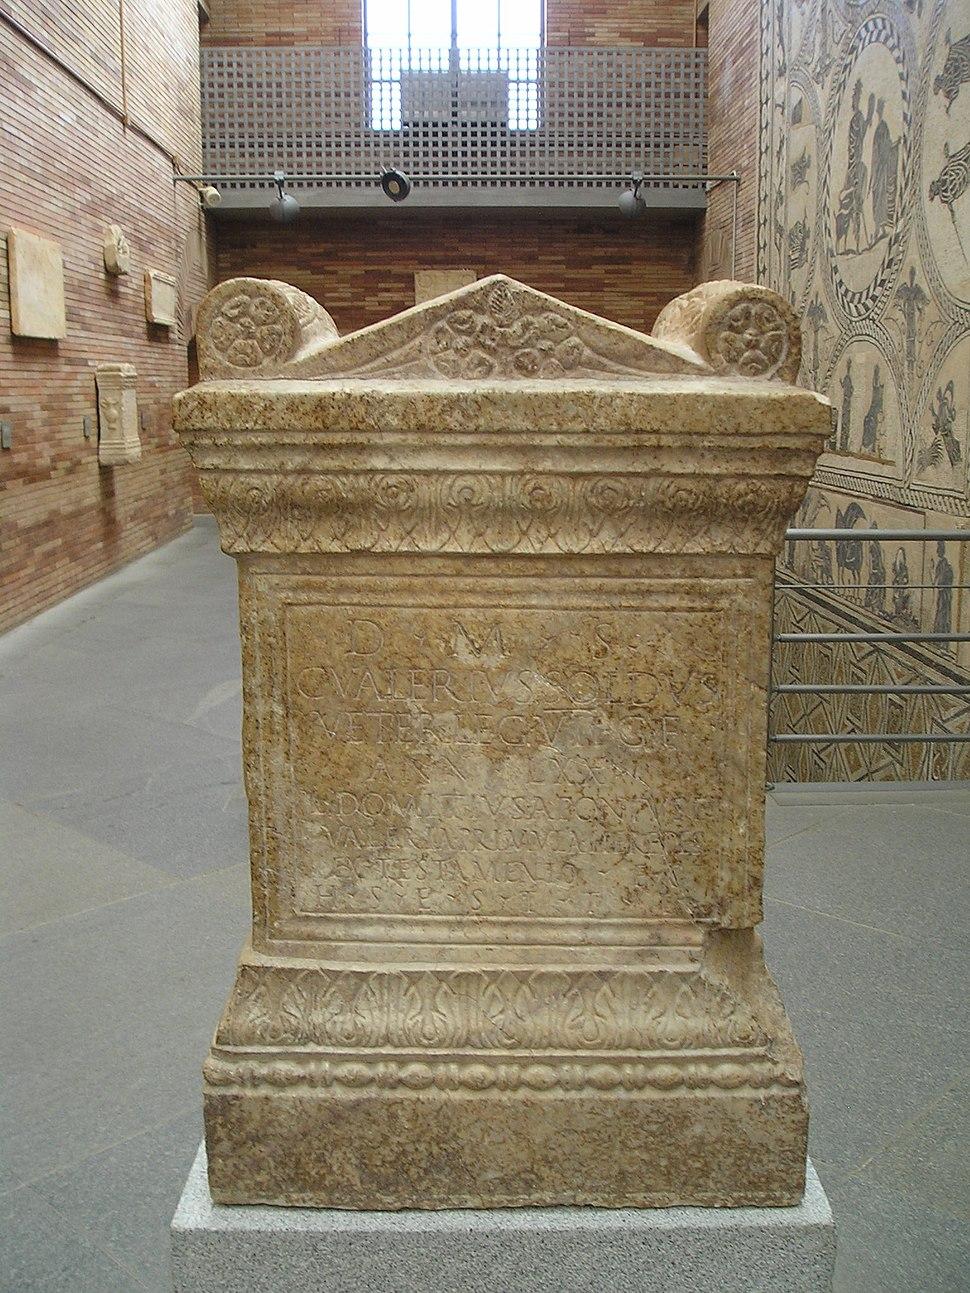 Inscrición procedente de 'Augusta Emerita (Mérida, Badaxoz, España) erixida en honra de Gaio Valerio Soldo, veterano do século II da Legio VII Gemina, polos seus herdeiros.